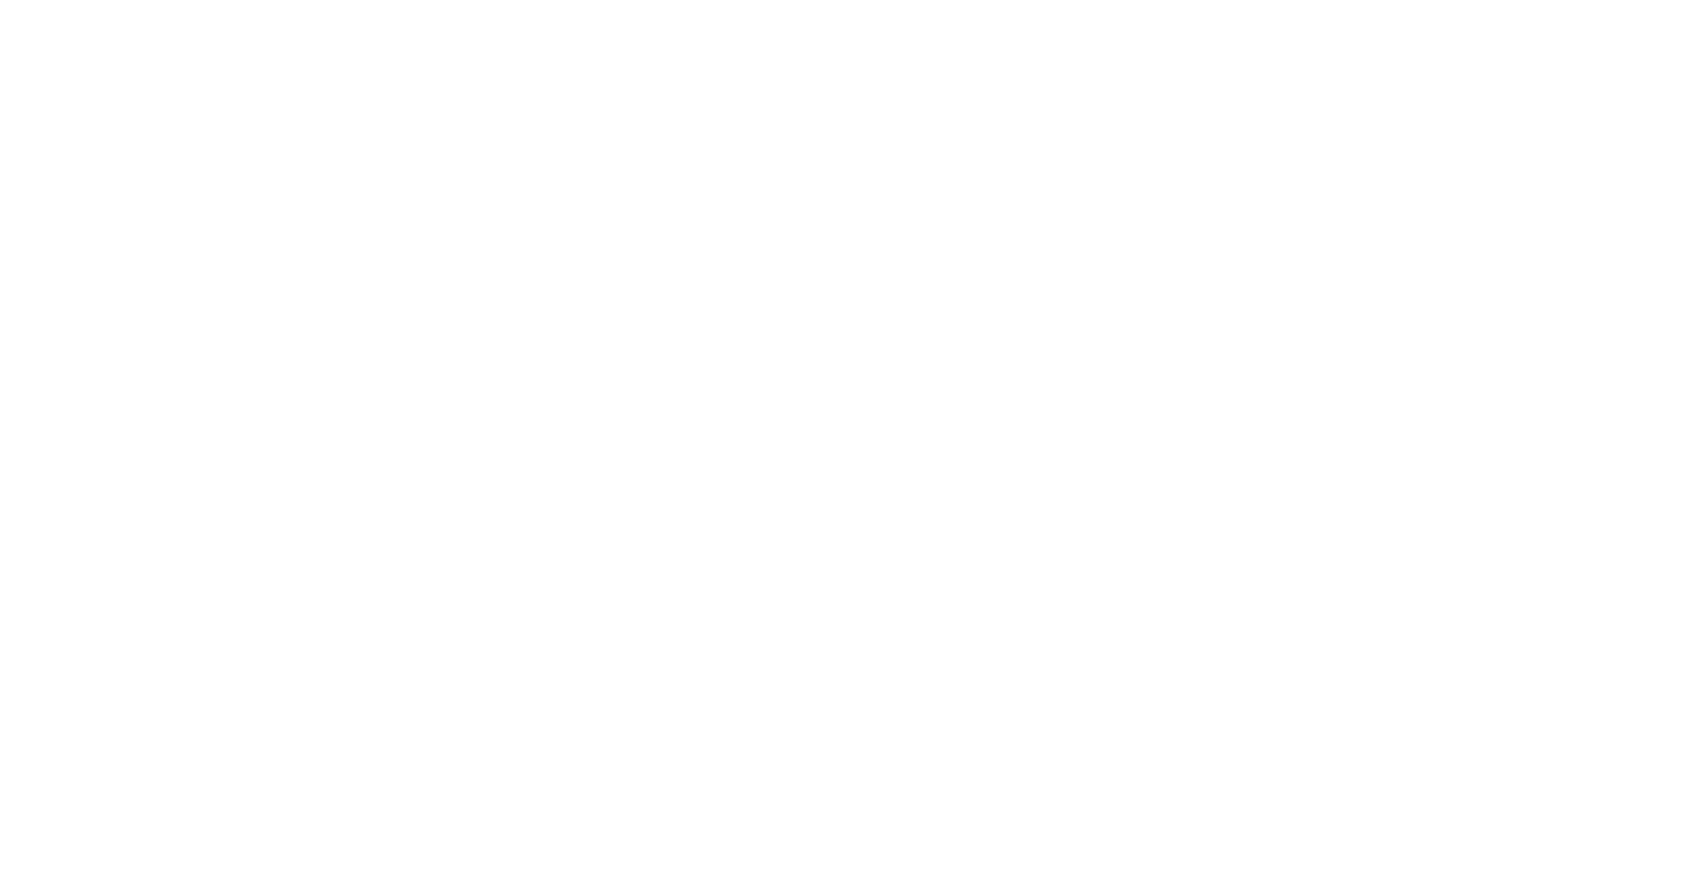 PLZR.SK